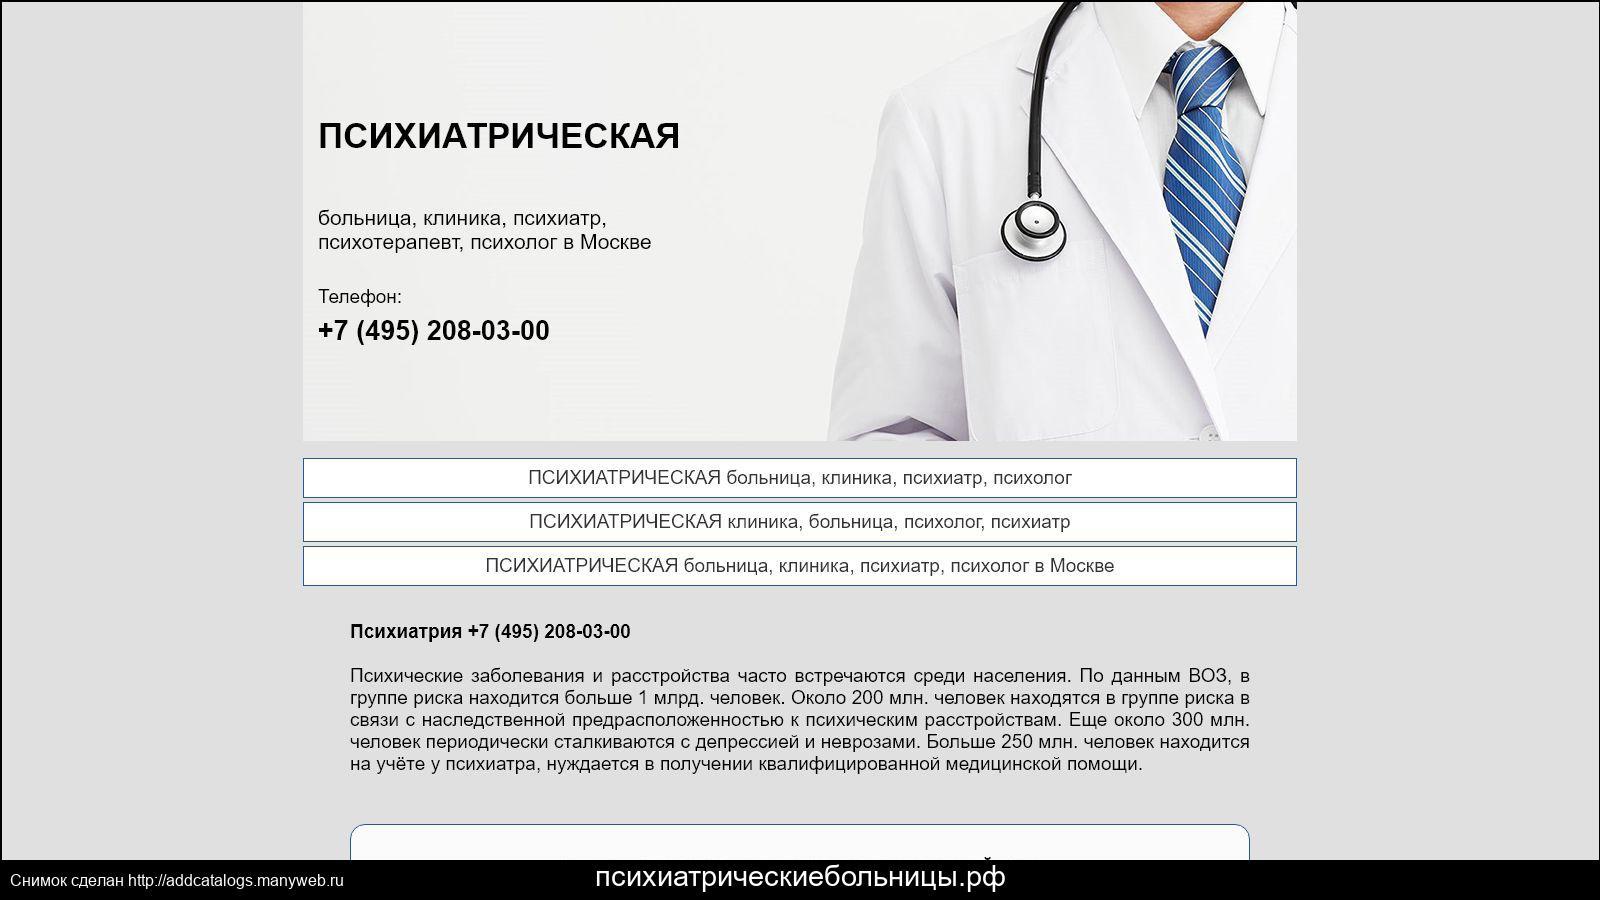 Отделение сексологии и терапии сексуальных дисфункций – московский нии психиатрии